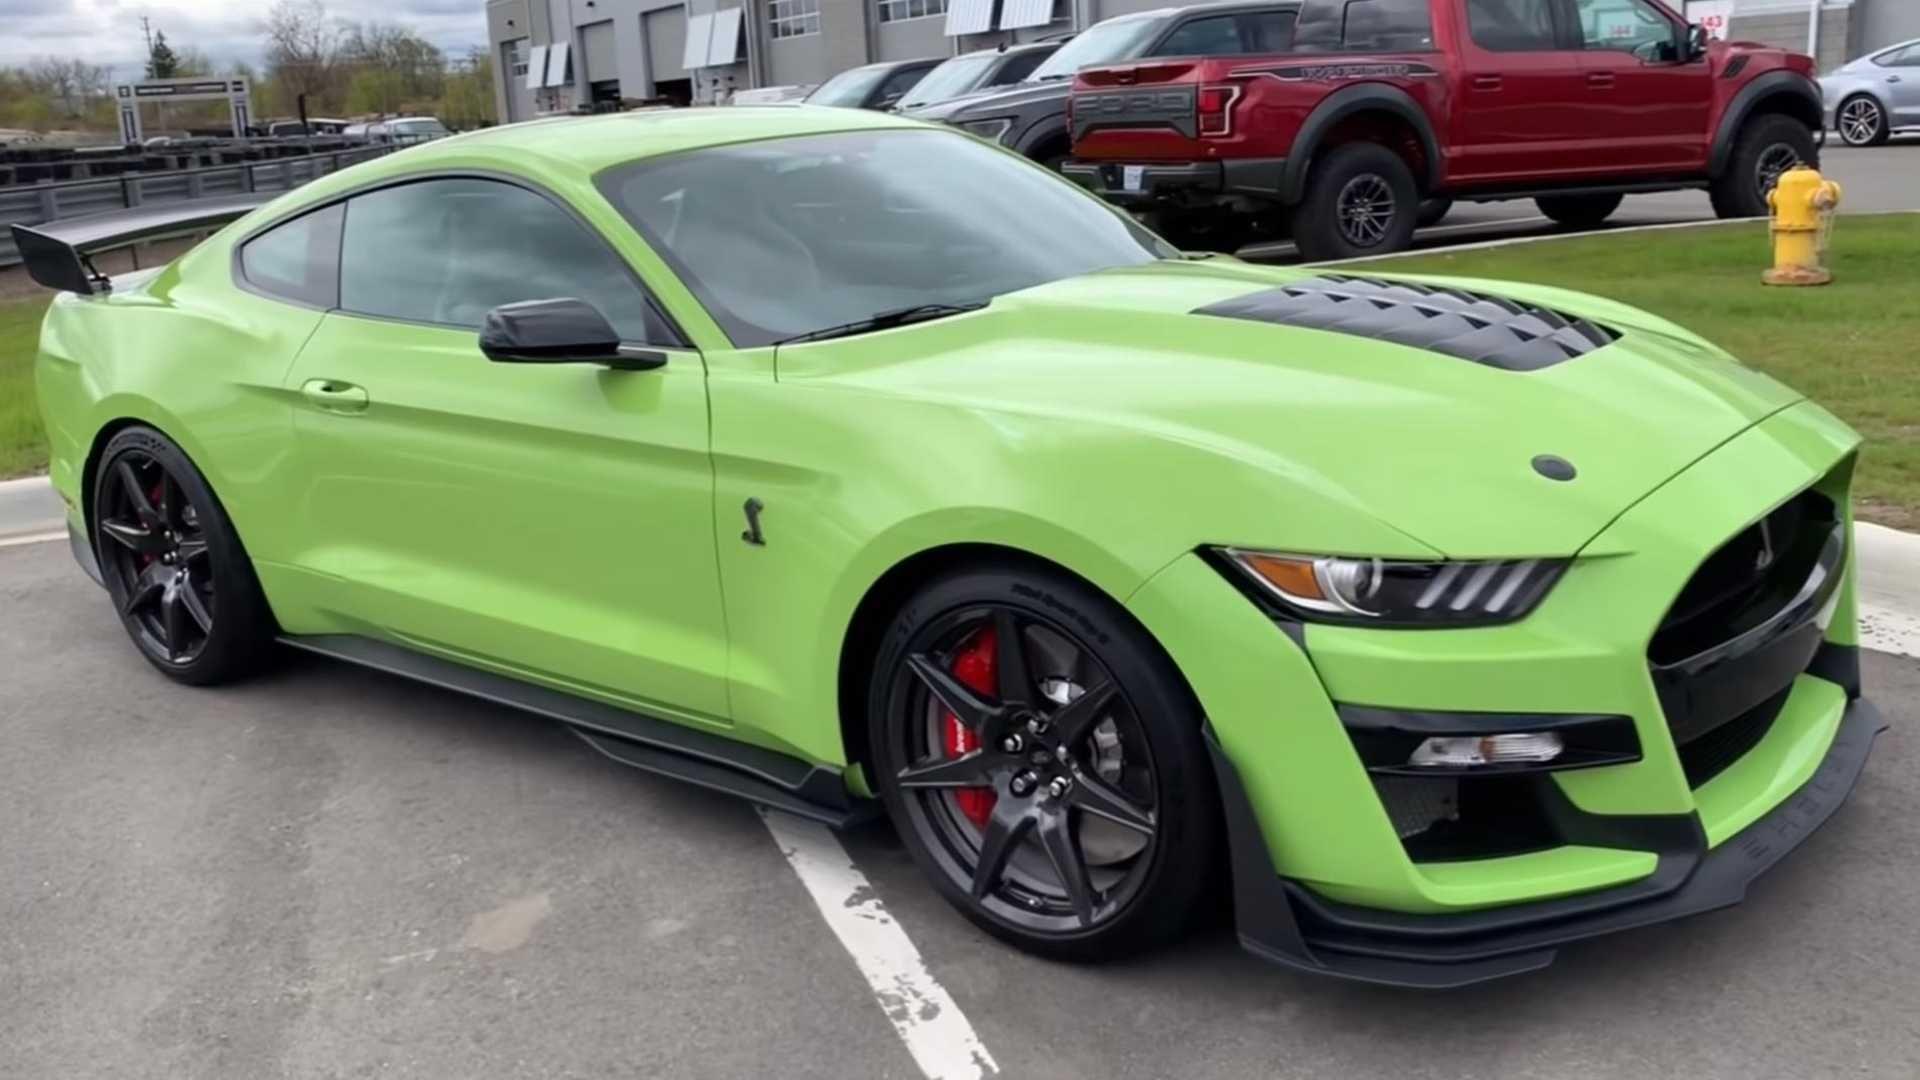 Grabber Lime 2020 Ford Mustang Shelby Gt500 Filmed In Detail